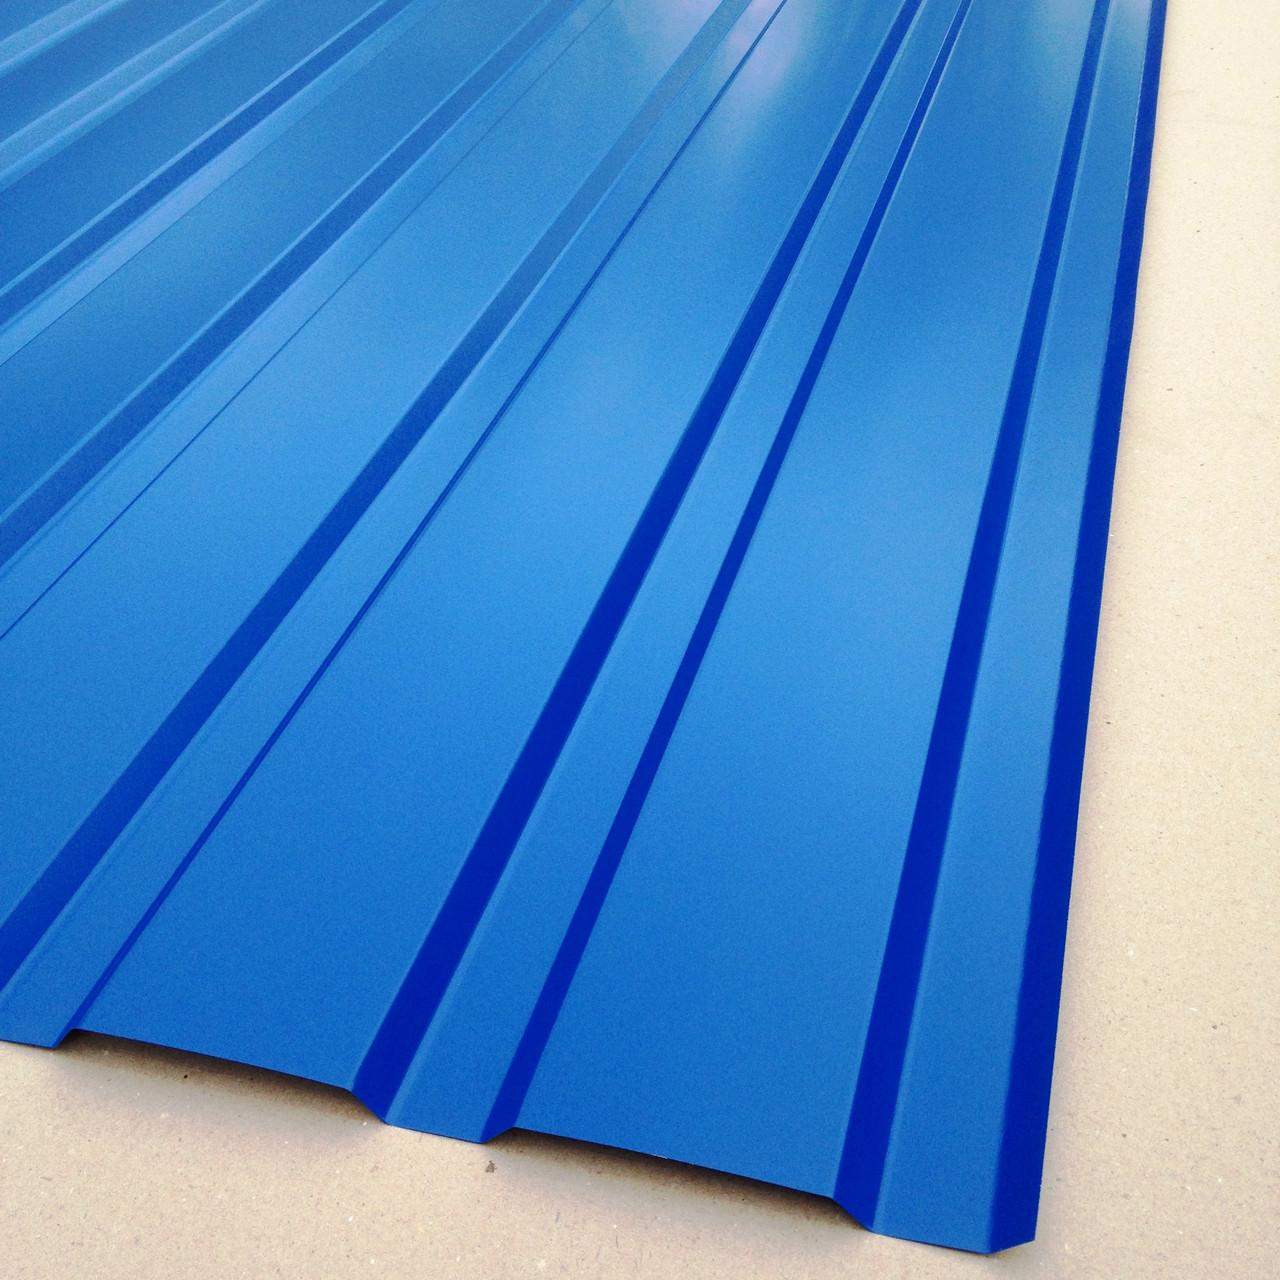 Профнастил для забору, колір: синій ПС-20, 0,30 мм; висота 1.5 метра ширина 1,16 м